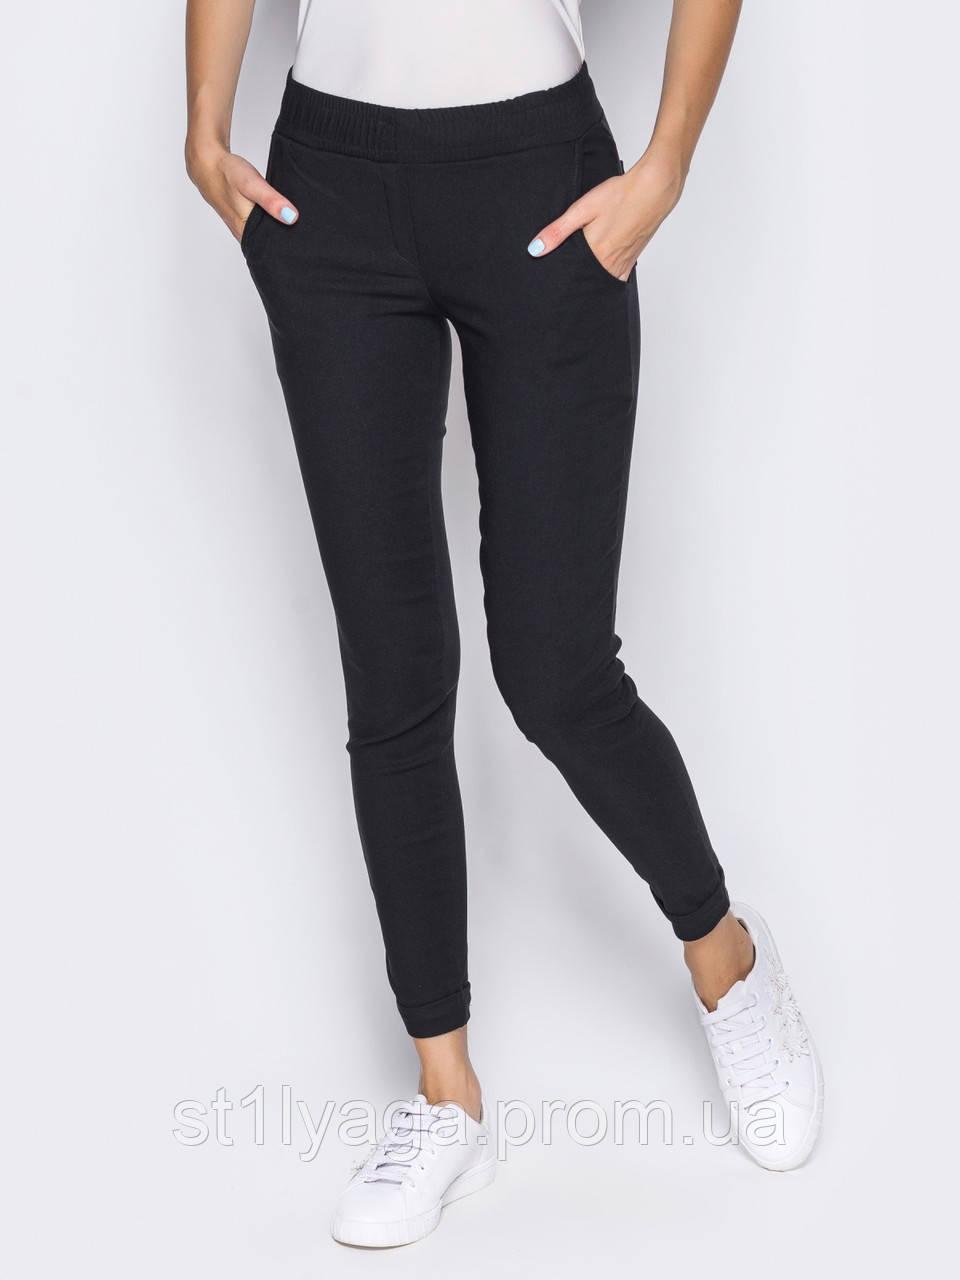 Стрейч-коттоновые брюки с подворотами и поясом на резинке